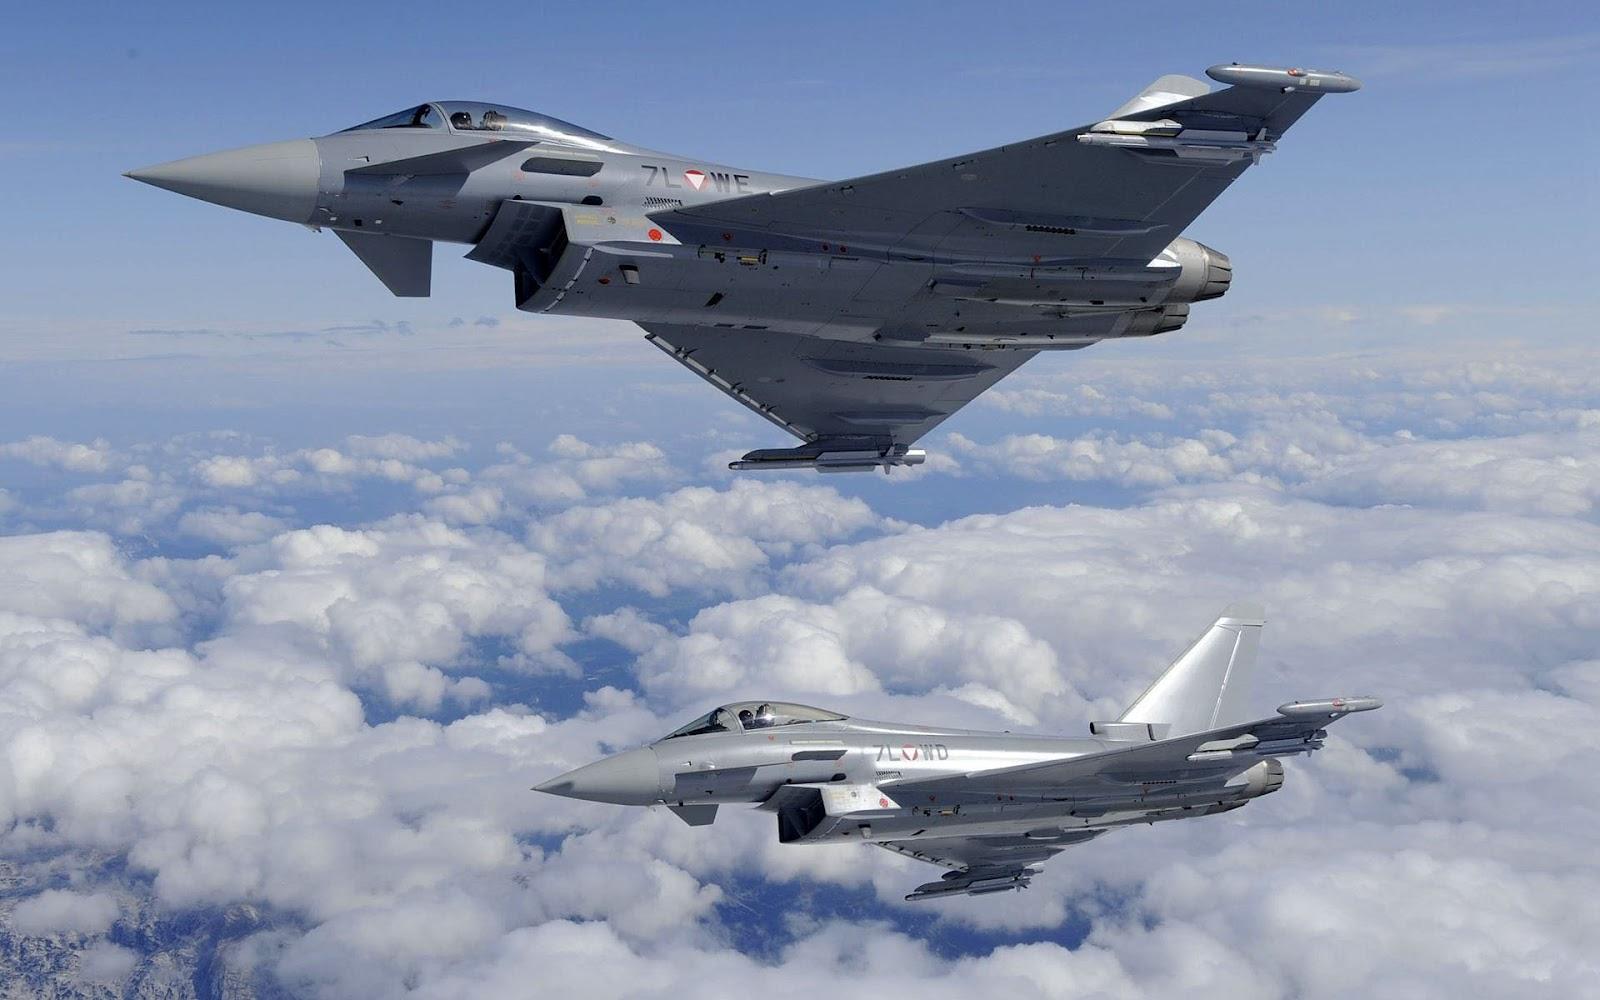 http://1.bp.blogspot.com/-Cqtju0clX1E/UHHrP8s8KBI/AAAAAAAAF1k/JcUCCUgeX4c/s1600/vliegtuig-wallpaper-met-een-foto-van-een-eurofighter-typhoon-gevechtsvliegtuig.jpg